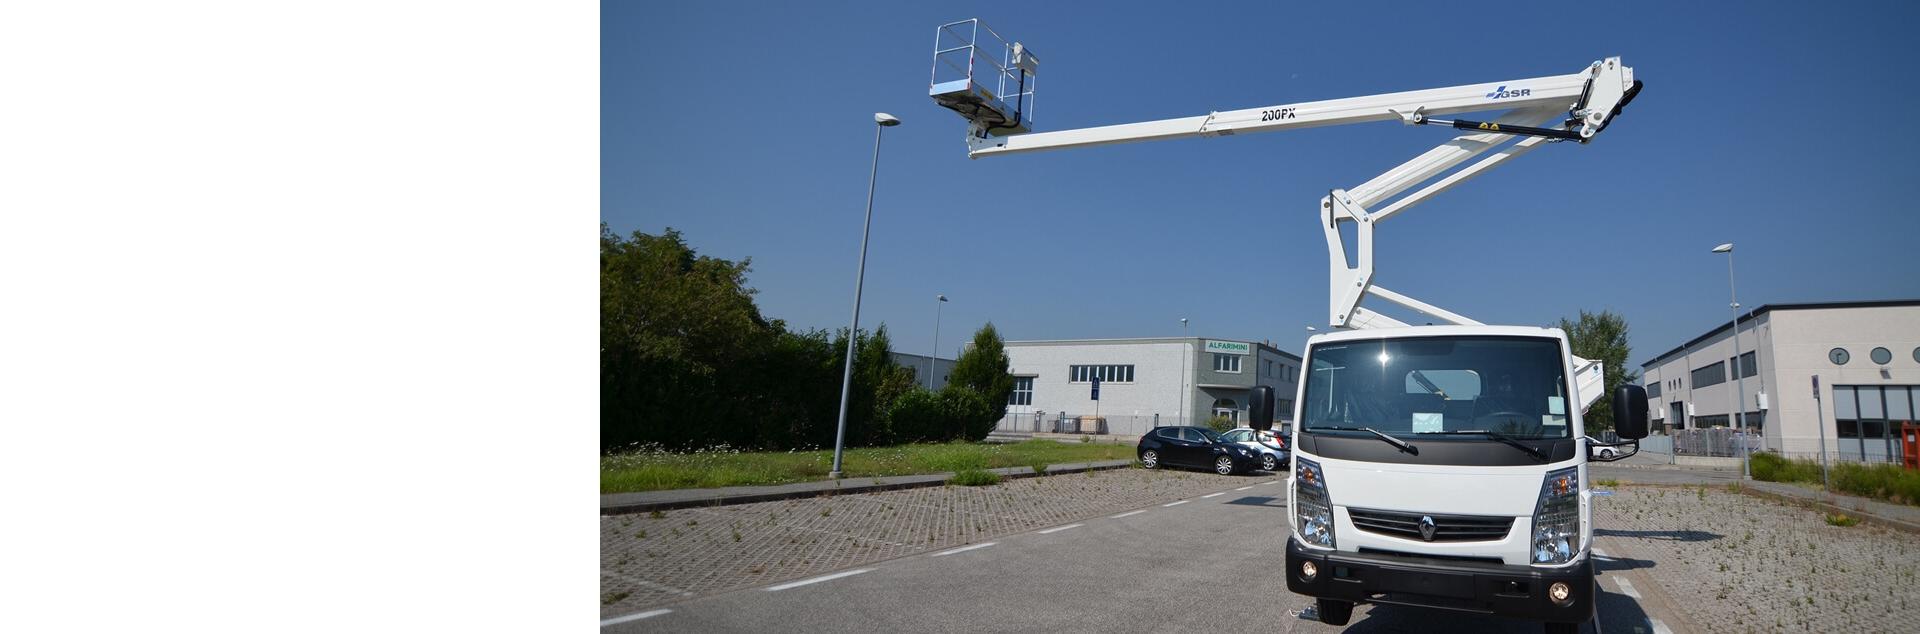 GSR präsentiert eine Reihe von Plattformen mit Arbeitshöhen von 14 bis 36 Metern